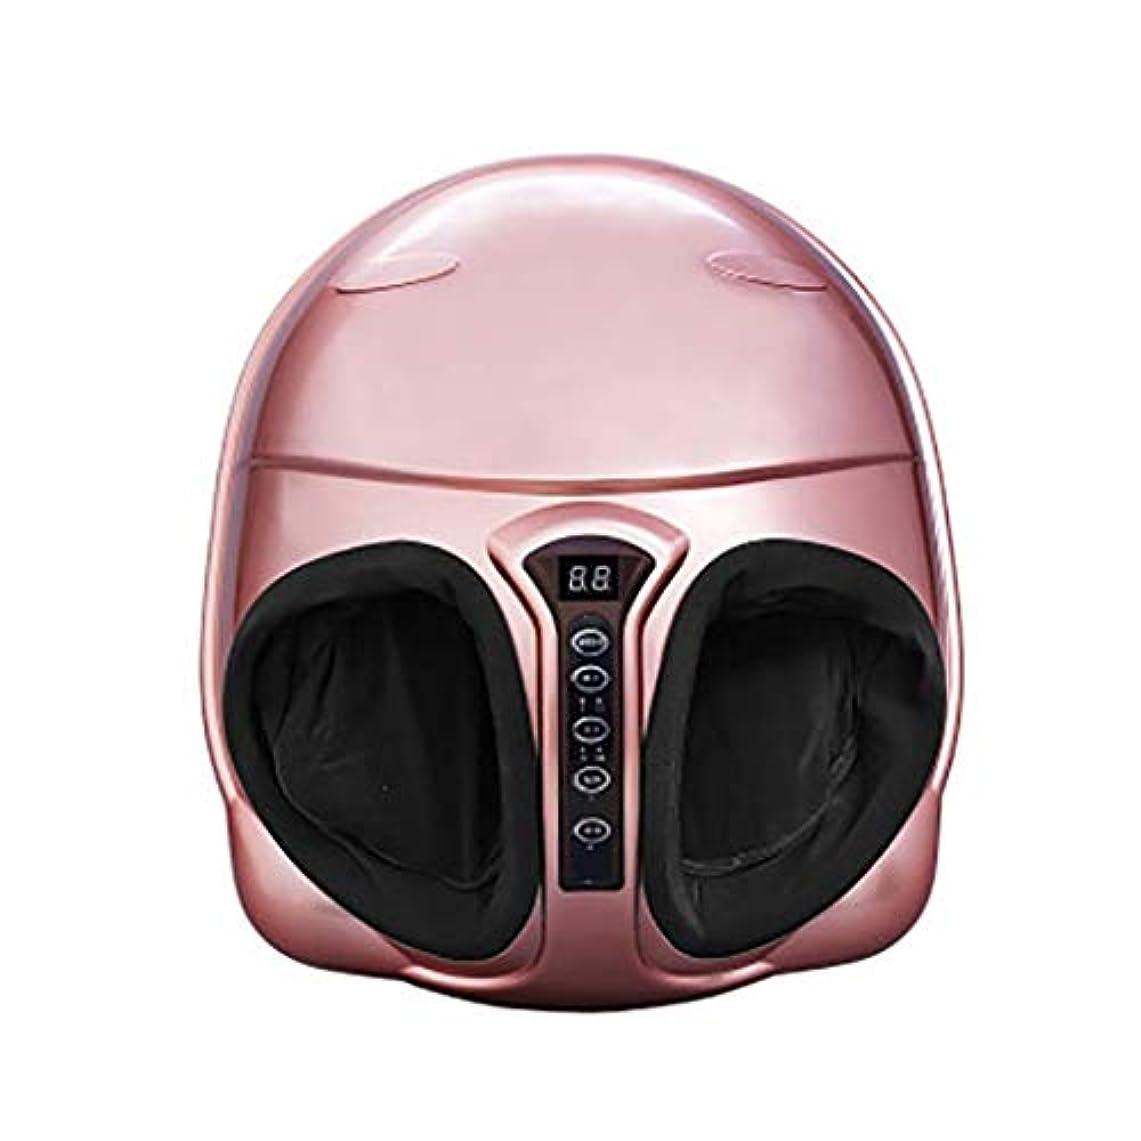 威するケープモデレータフットマッサージャー、電気フットマッサージャー、赤外線/暖房/混練/空気圧/リラクゼーションマッサージ機器、リモートコントロールは、時間指定が可能 (Color : ピンク, Size : Noremotecontrol)